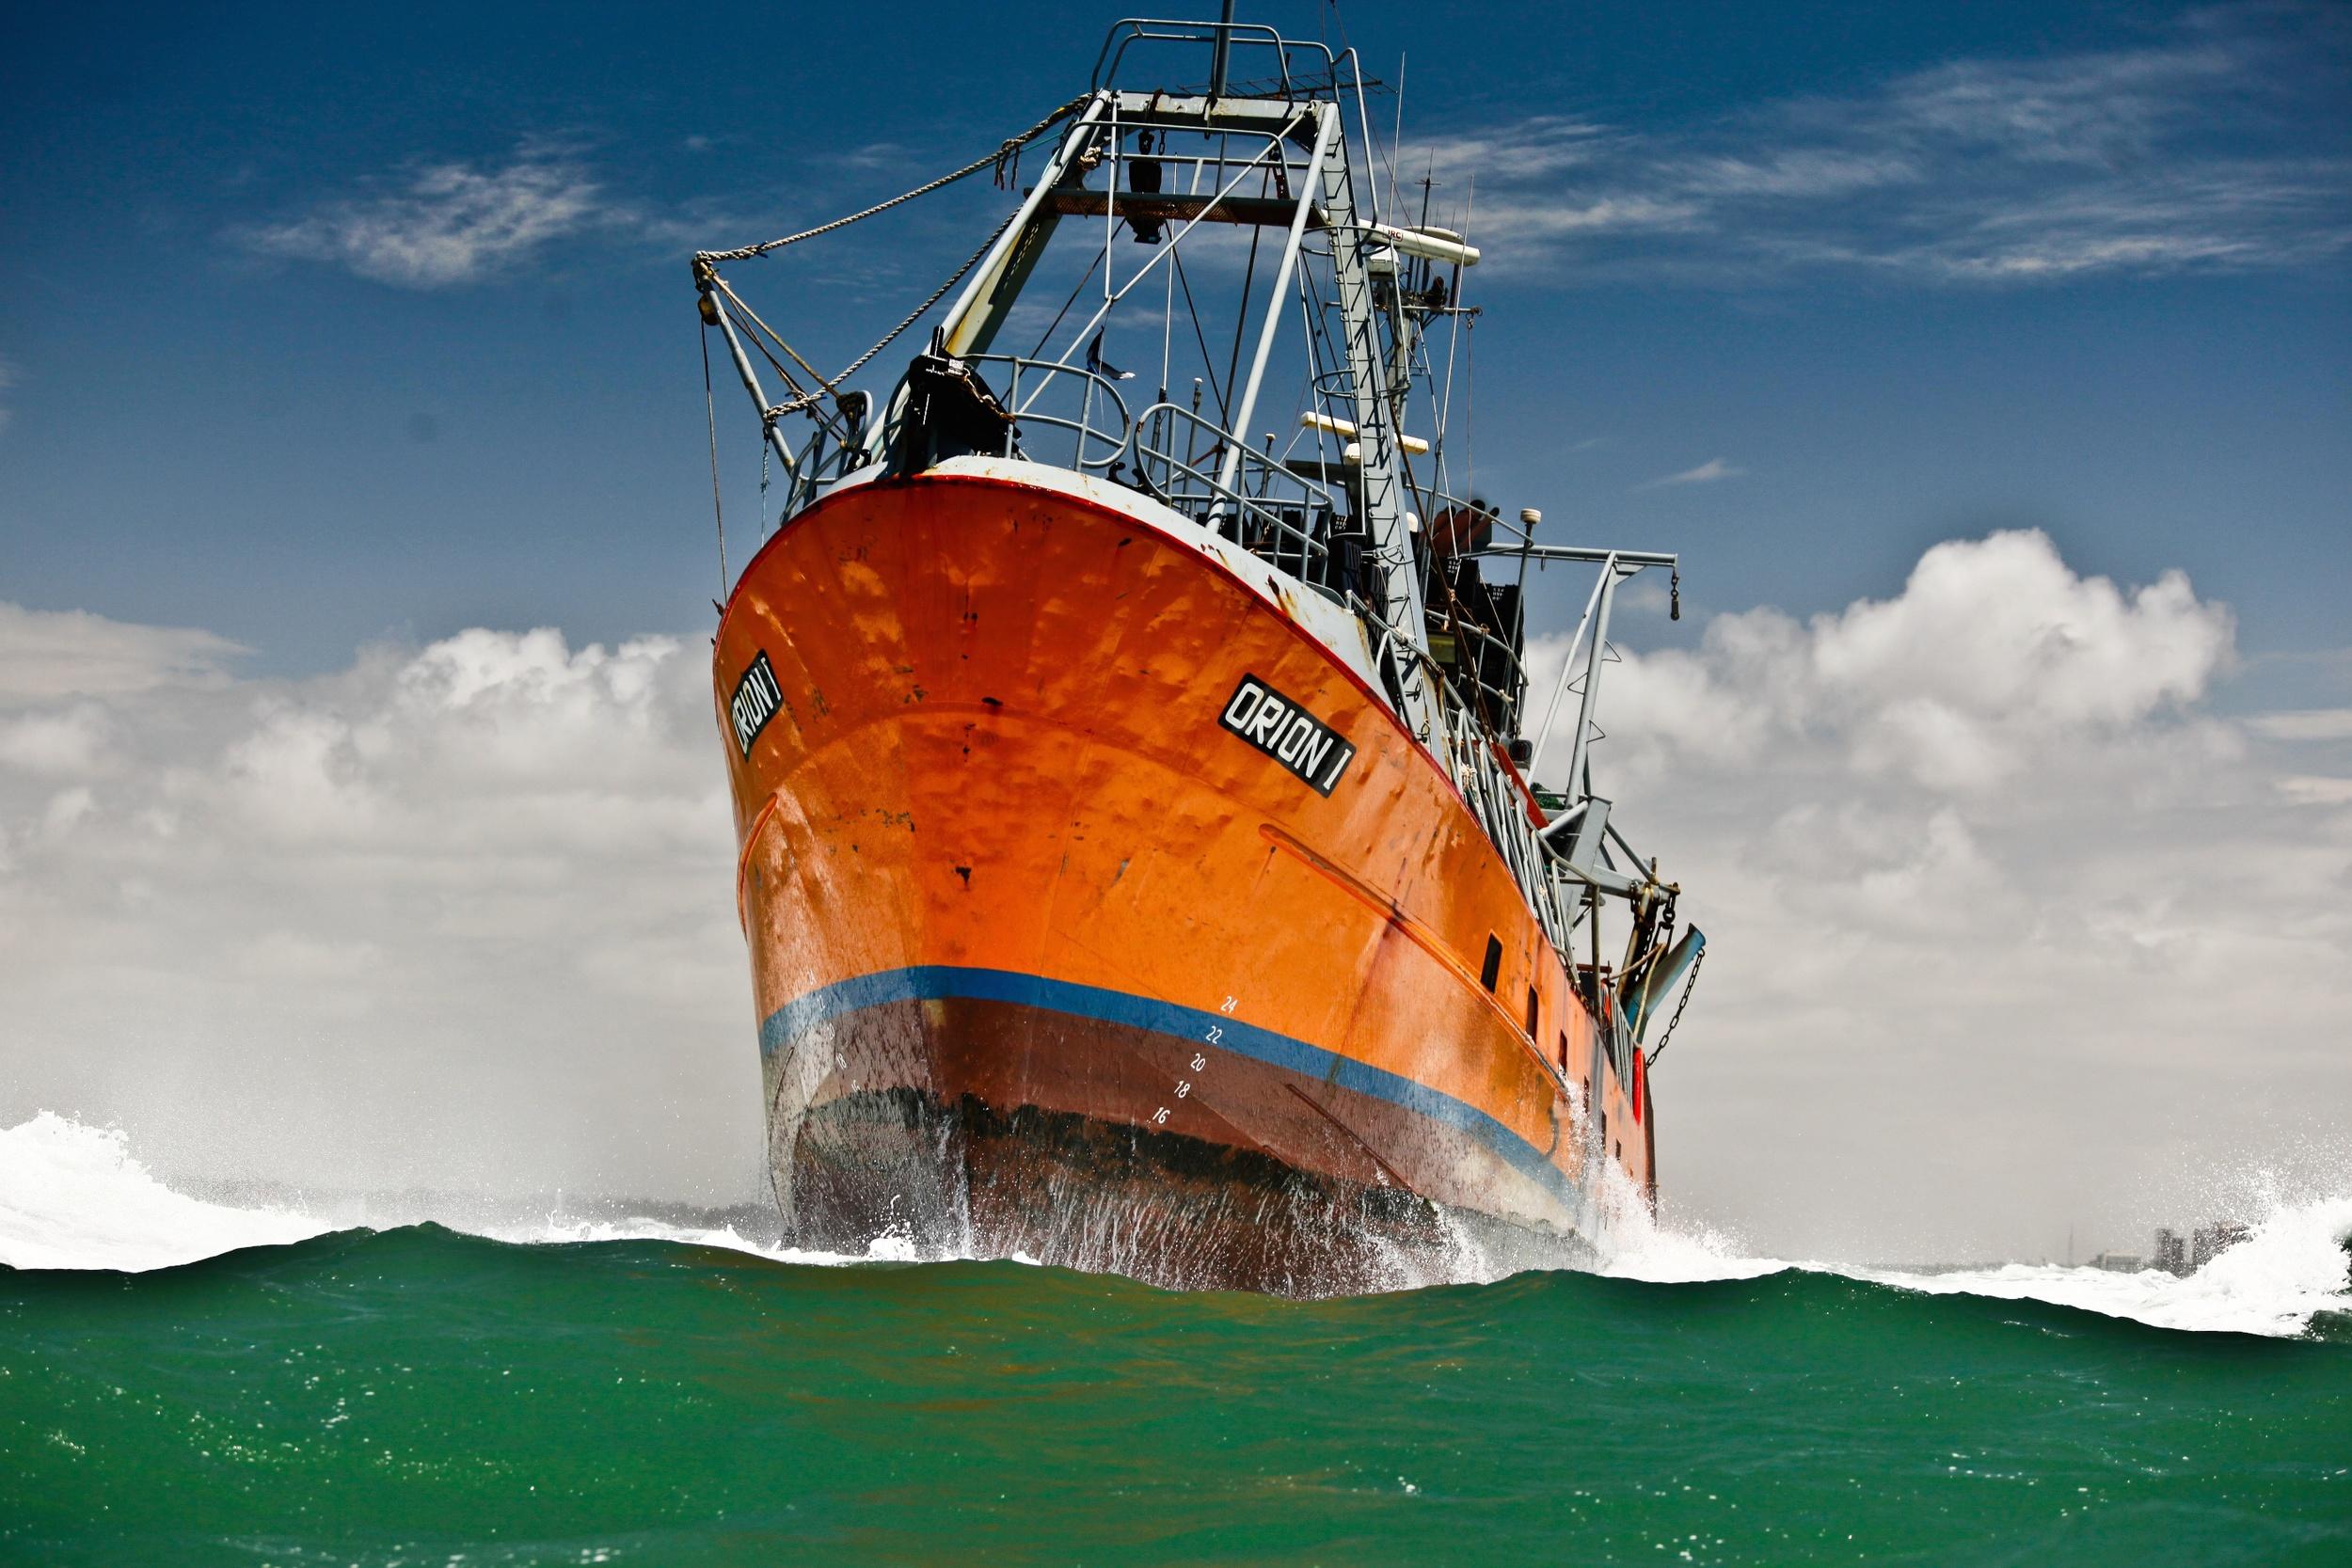 Orion I. Mar del Plata, Argentina. Photo by M. Cappizano